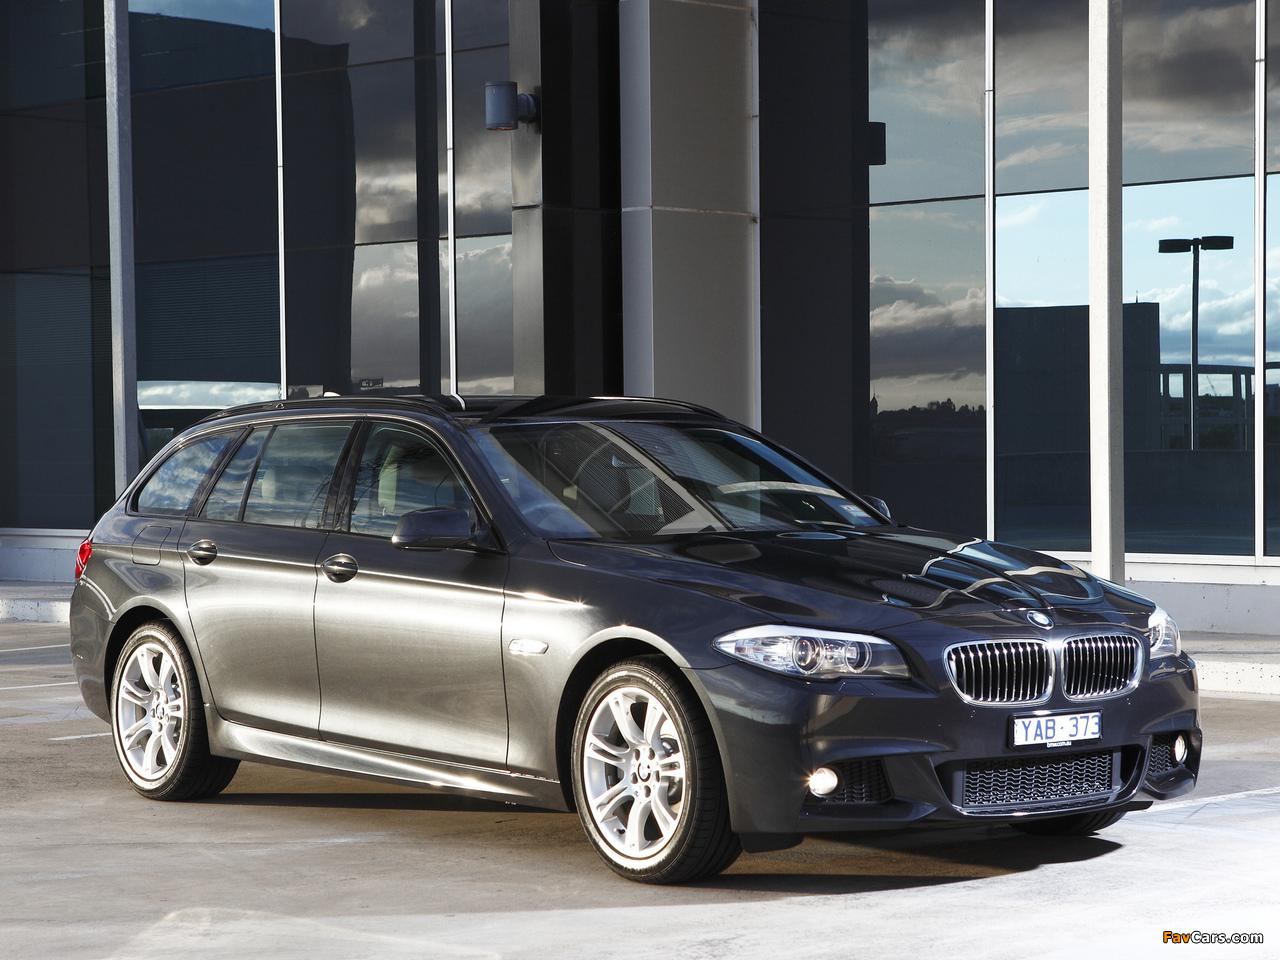 BMW 520d Touring M Sports Package AU-spec (F11) 2011 photos (1280 x 960)